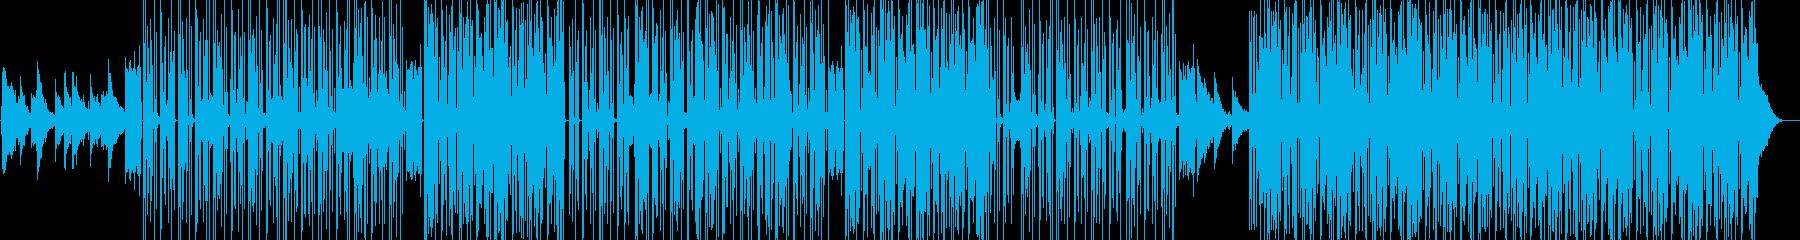 ヒップホップ。古いスタイルとサウンド。の再生済みの波形